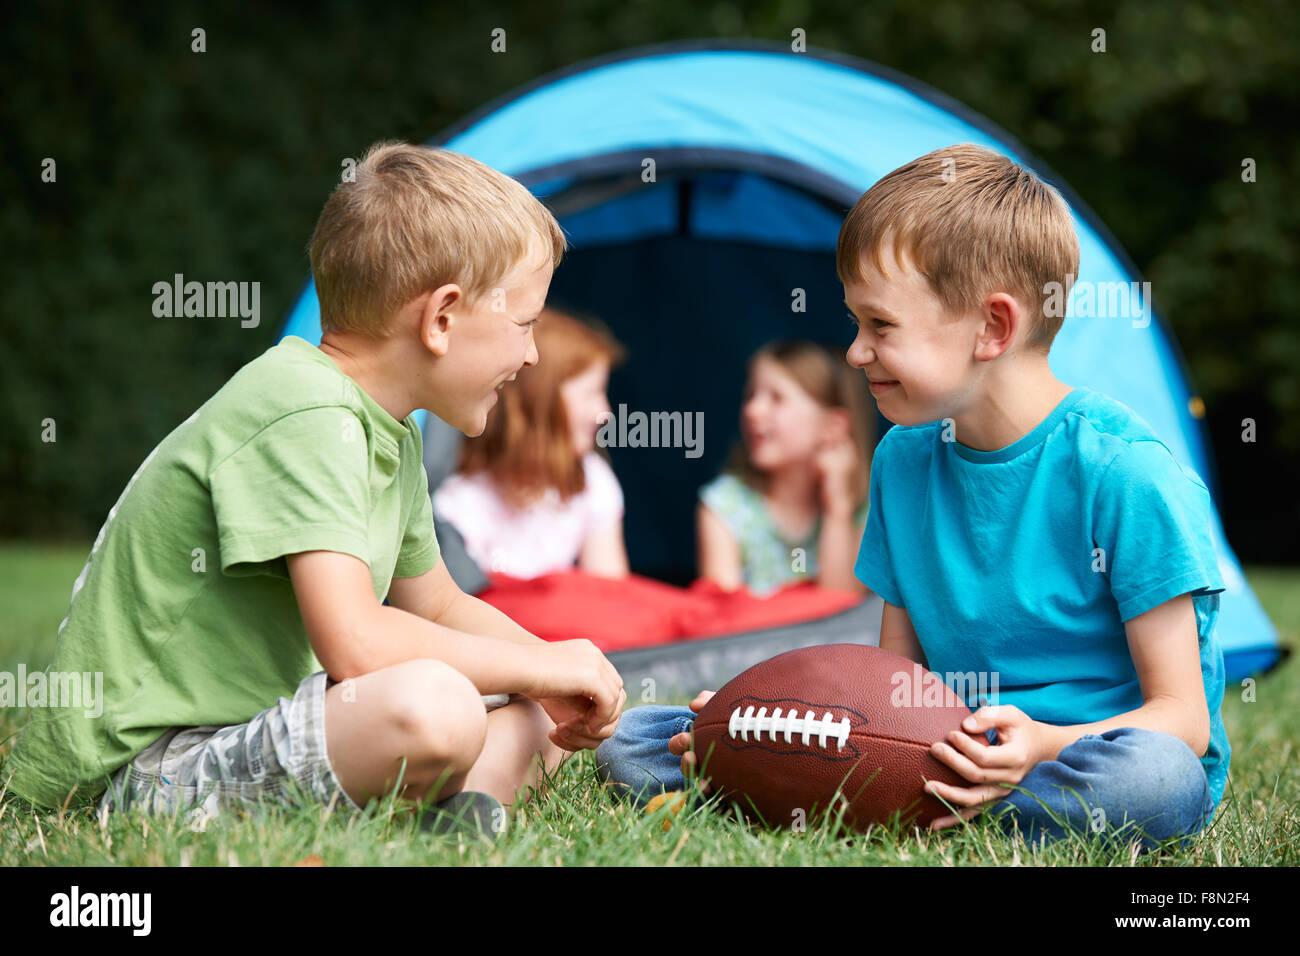 Zwei jungen sprechen und spielen mit American Football auf camping-Ausflug Stockbild